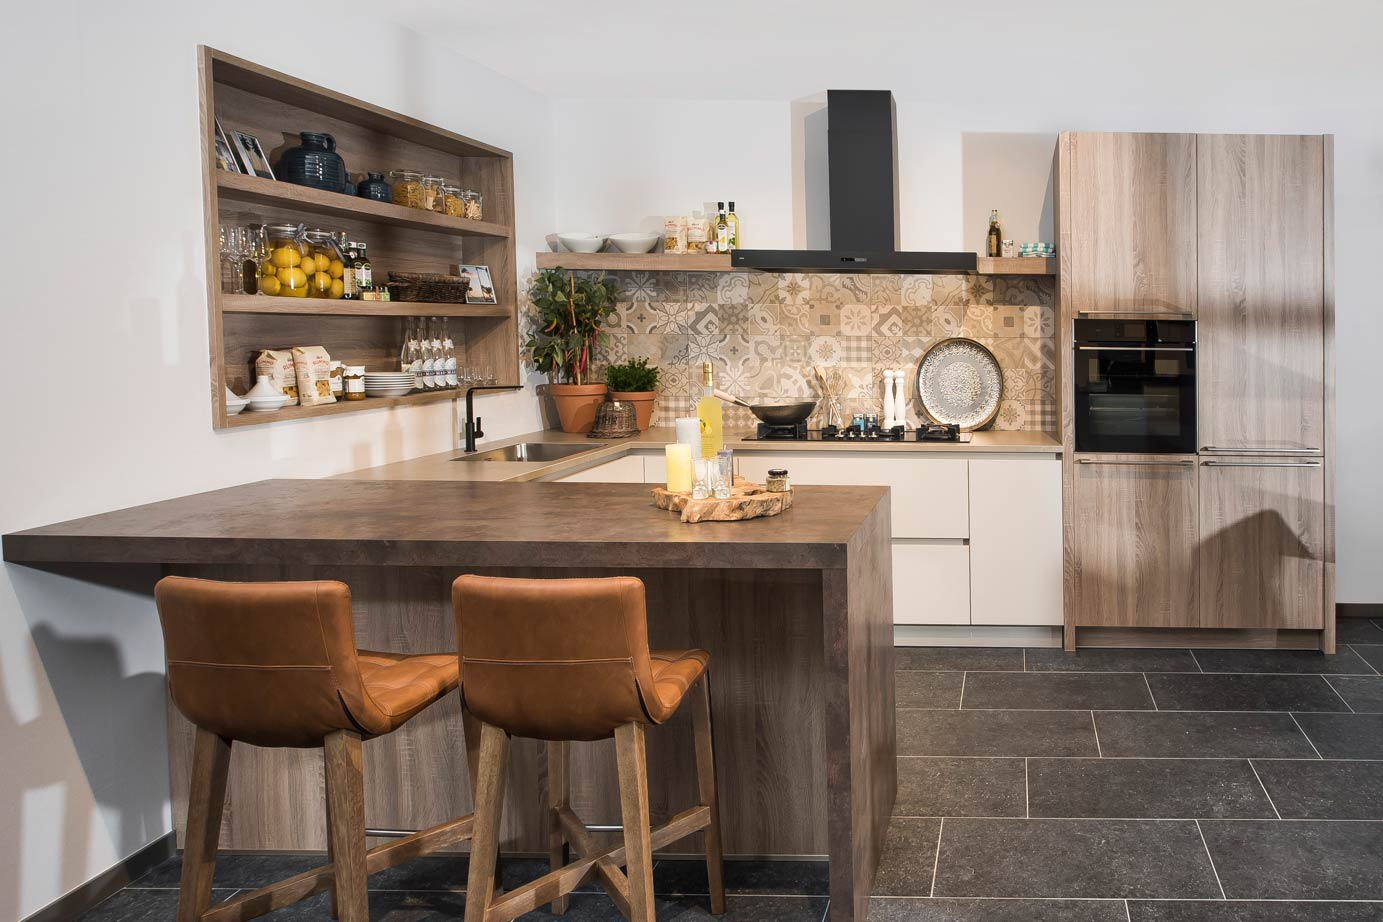 Design keuken kopen bekijk vele voorbeelden arma